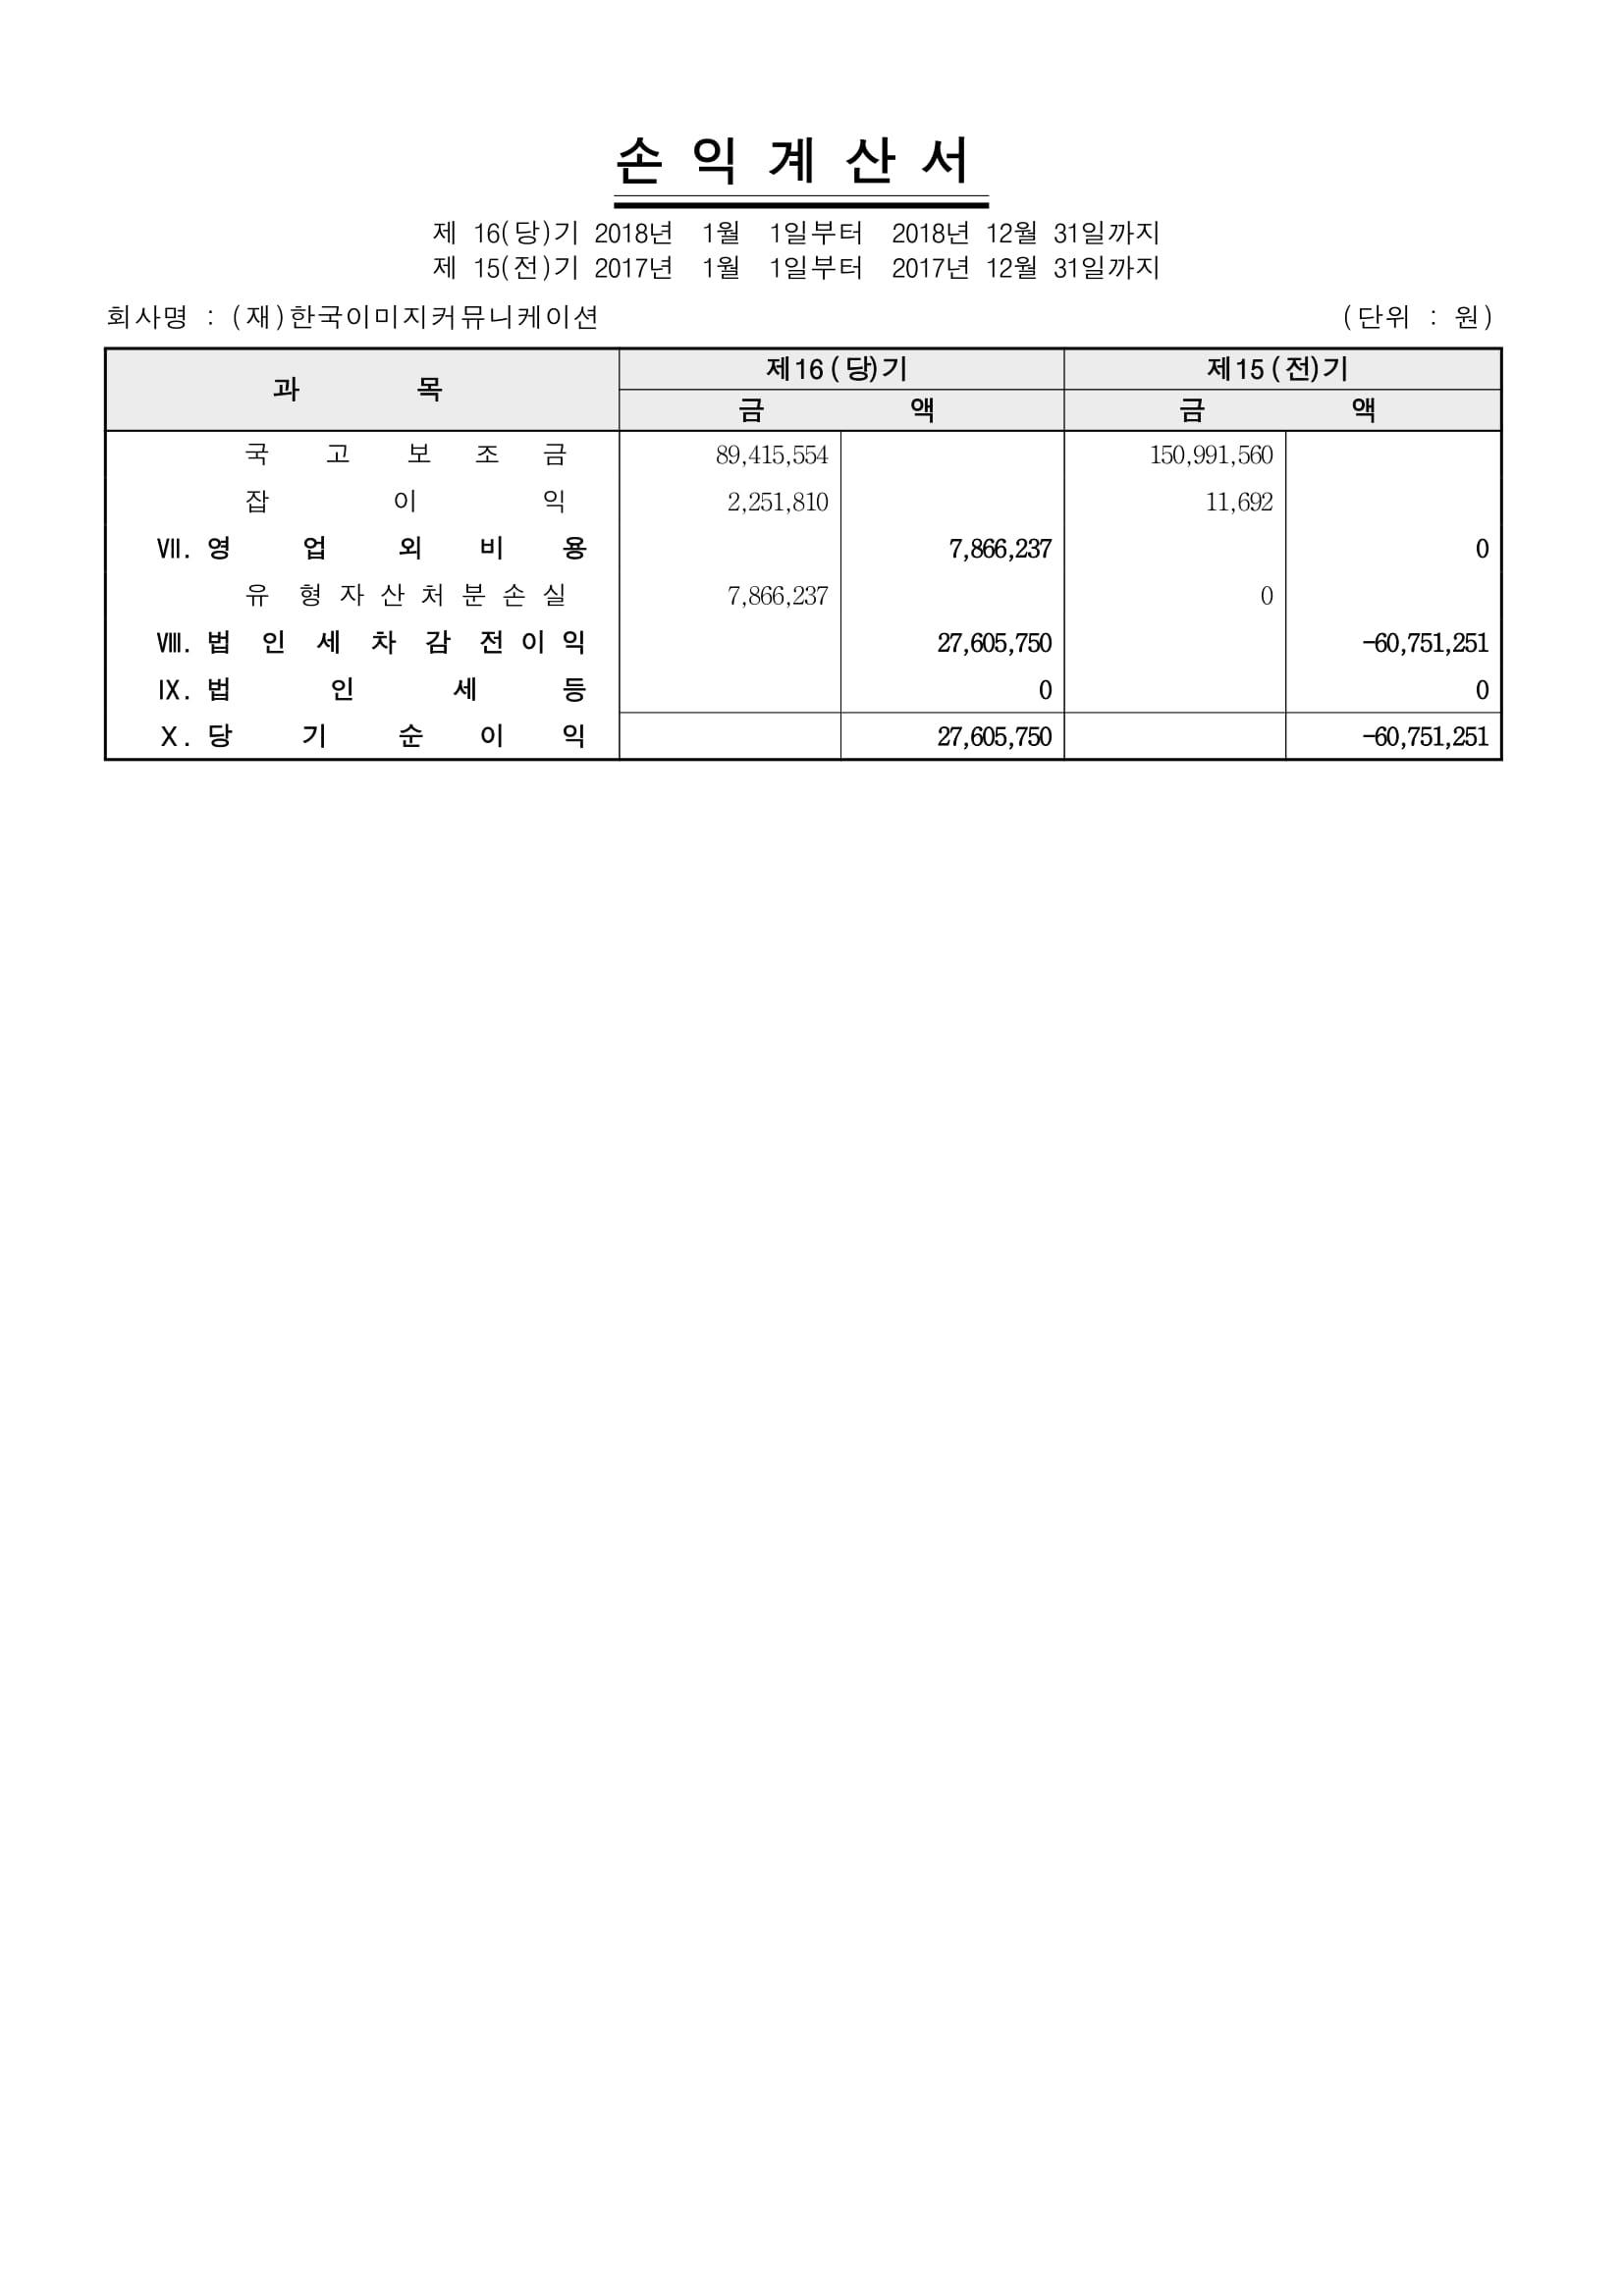 재단법인한국이미지커뮤니케이션연구원손익계산서 2018년귀속-2.jpg